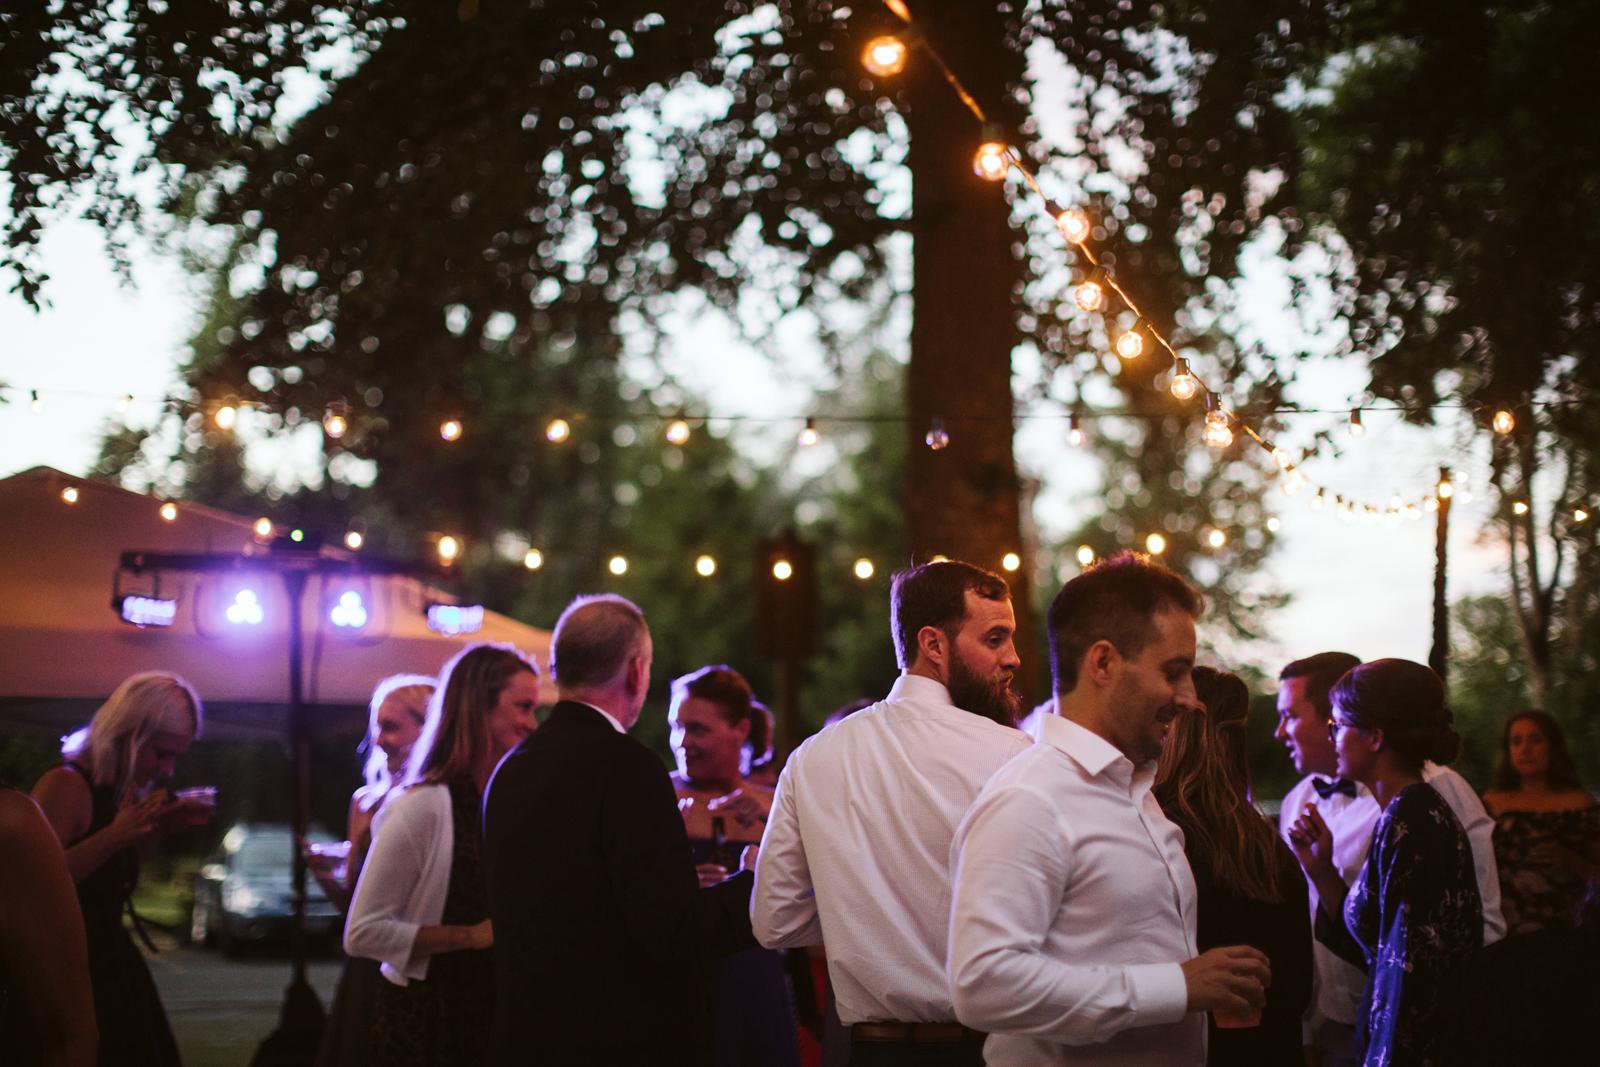 189-daronjackson-gabby-alec-wedding.jpg